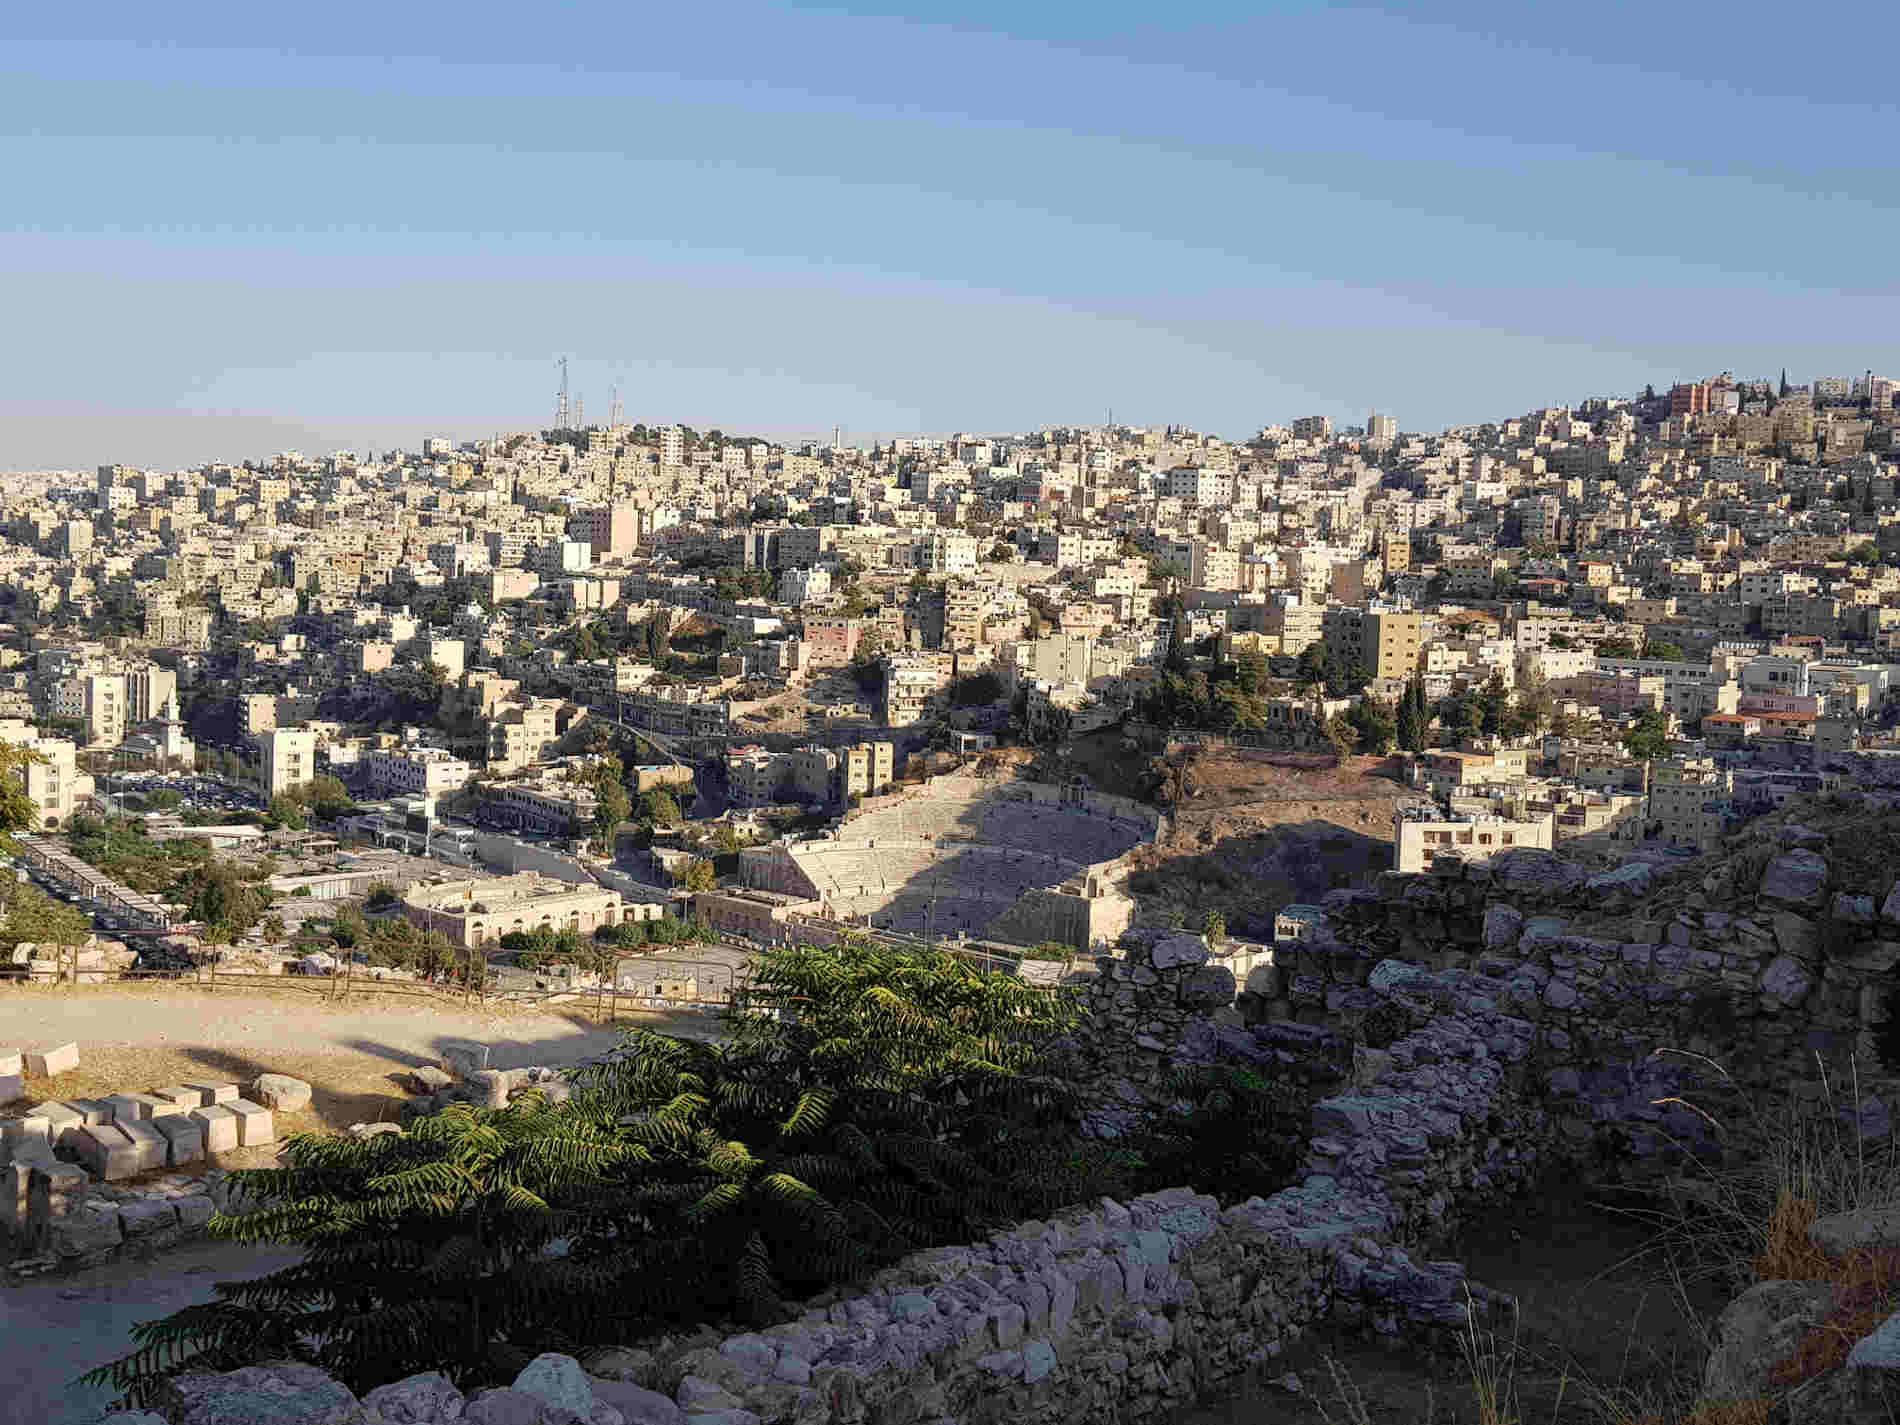 Anfiteatro romano ad Amman visto dalla Cittadella -cosa vedere aad amman